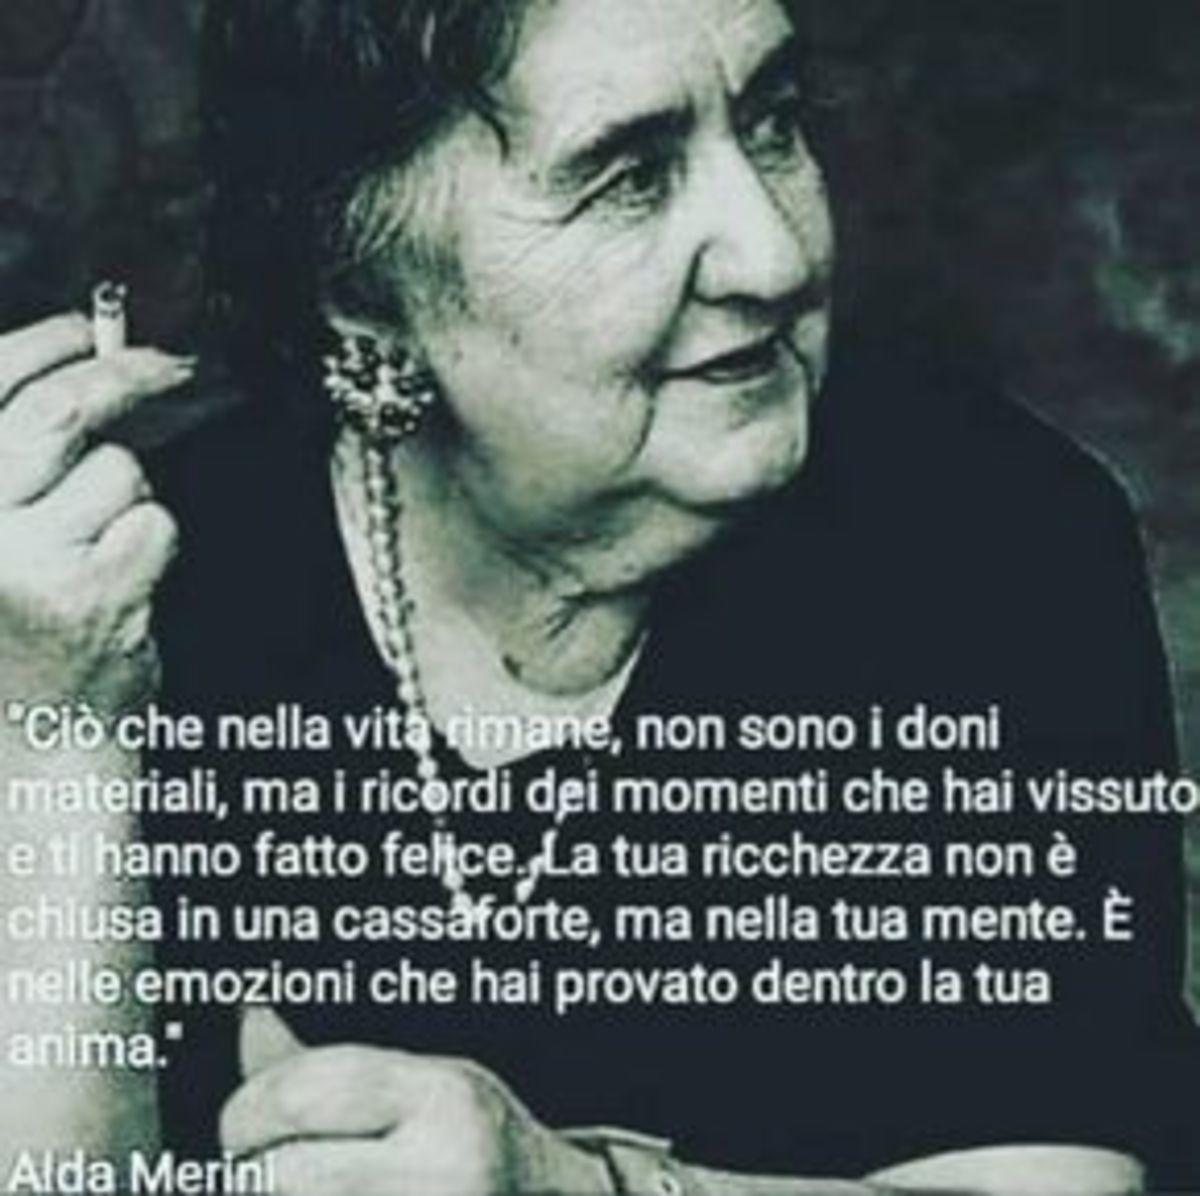 Le citazioni più belle di Alda Merini